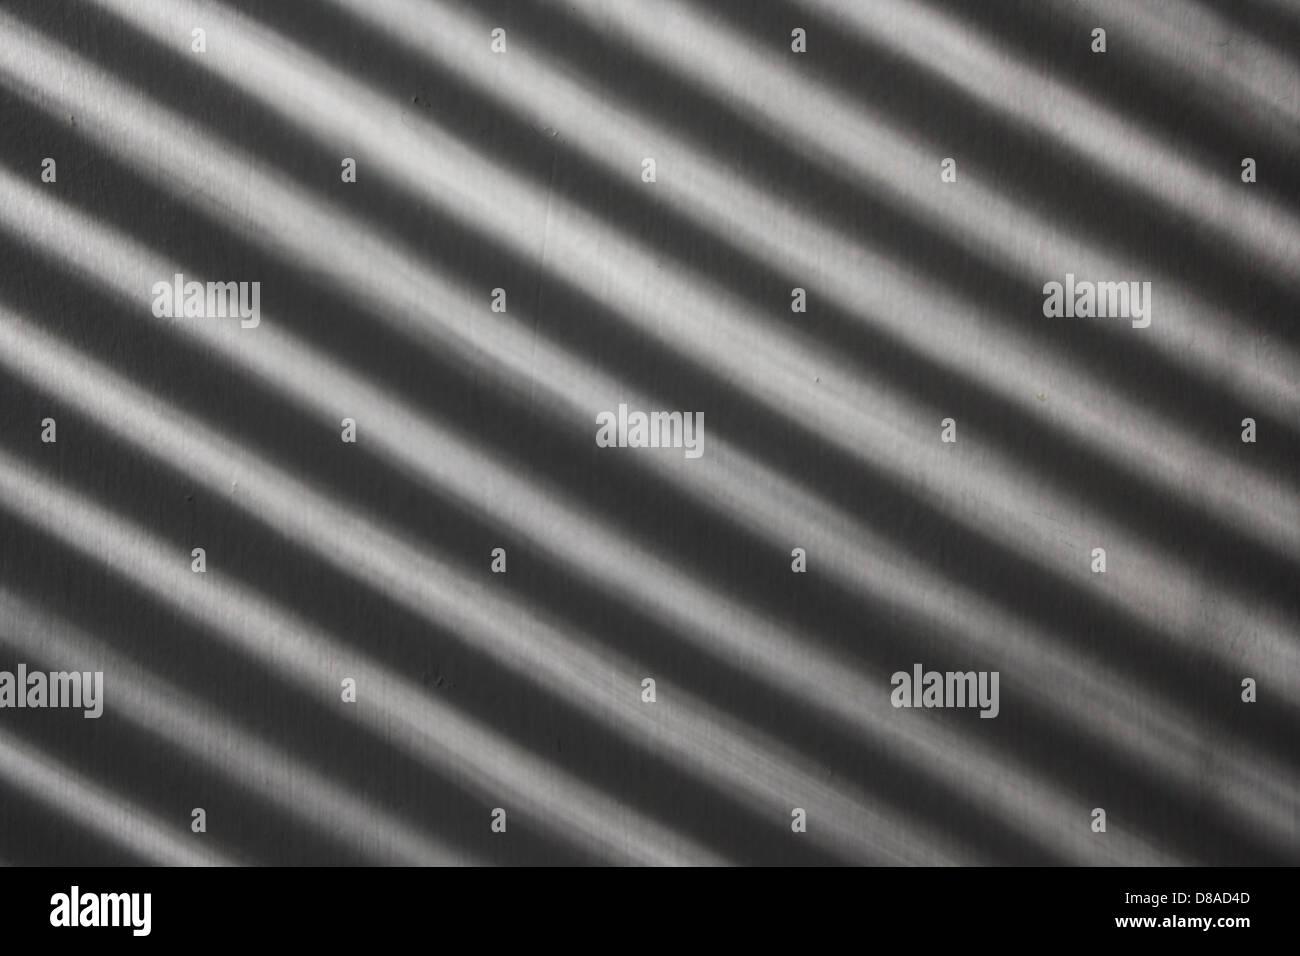 Les rayures diagonales de texture d'ombre de mini abat-jour. Photo Stock